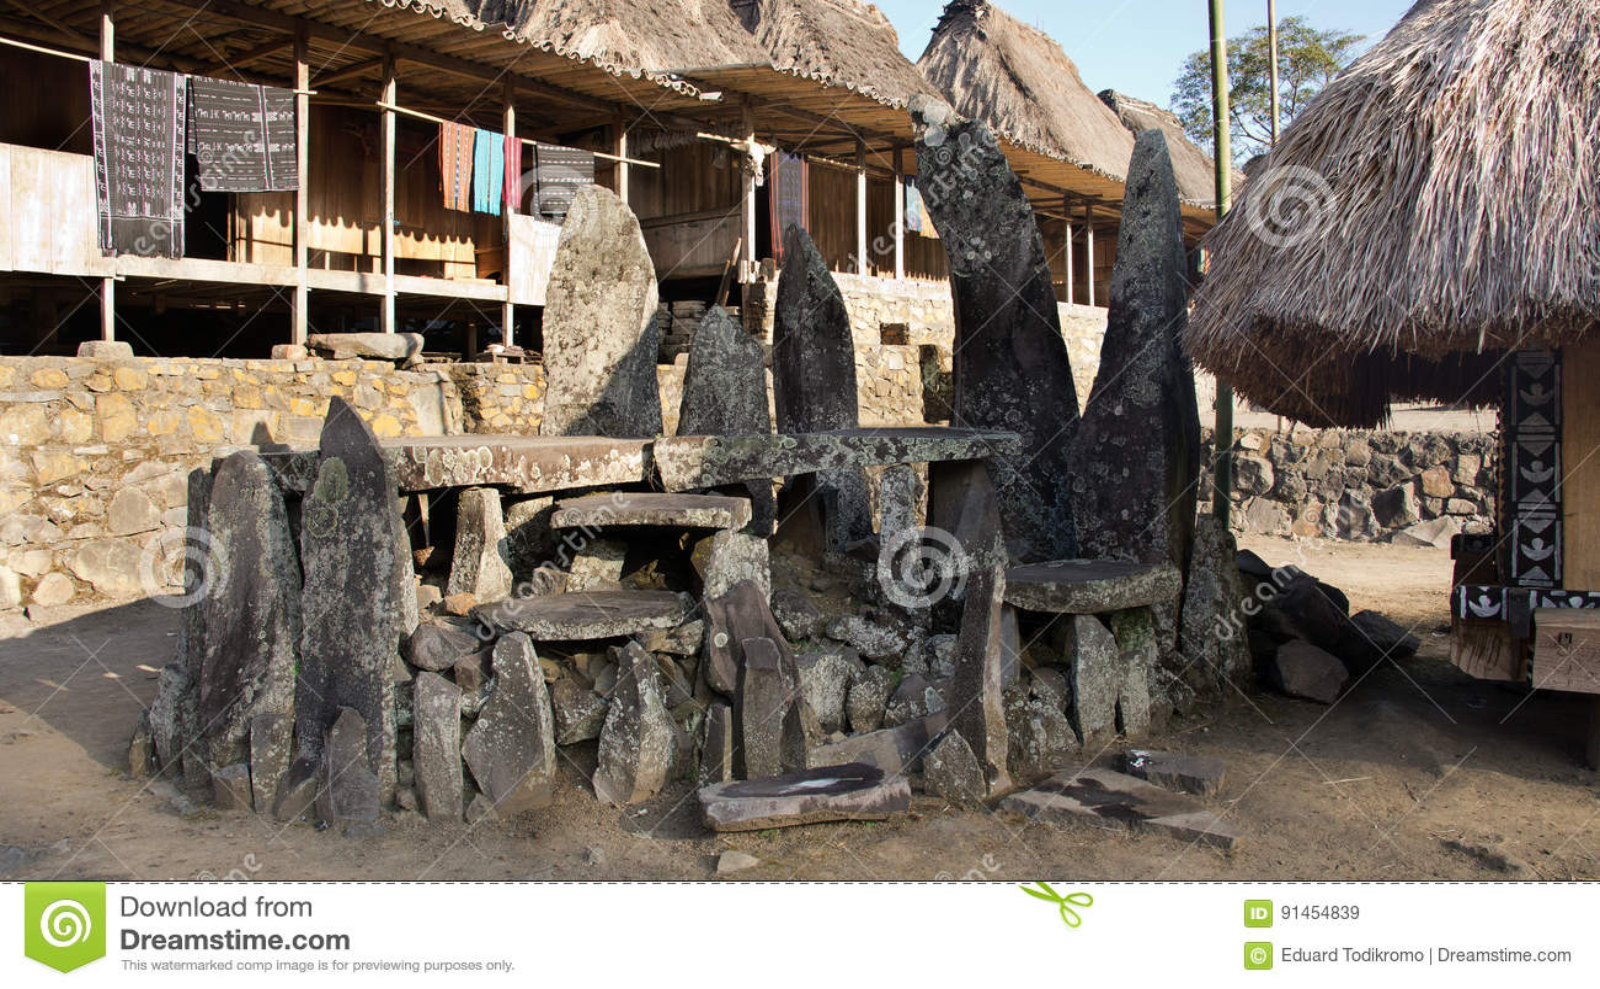 Gedenkstenen in Bena een traditioneel dorp met grashutten van de Ngada-mensen in Flores